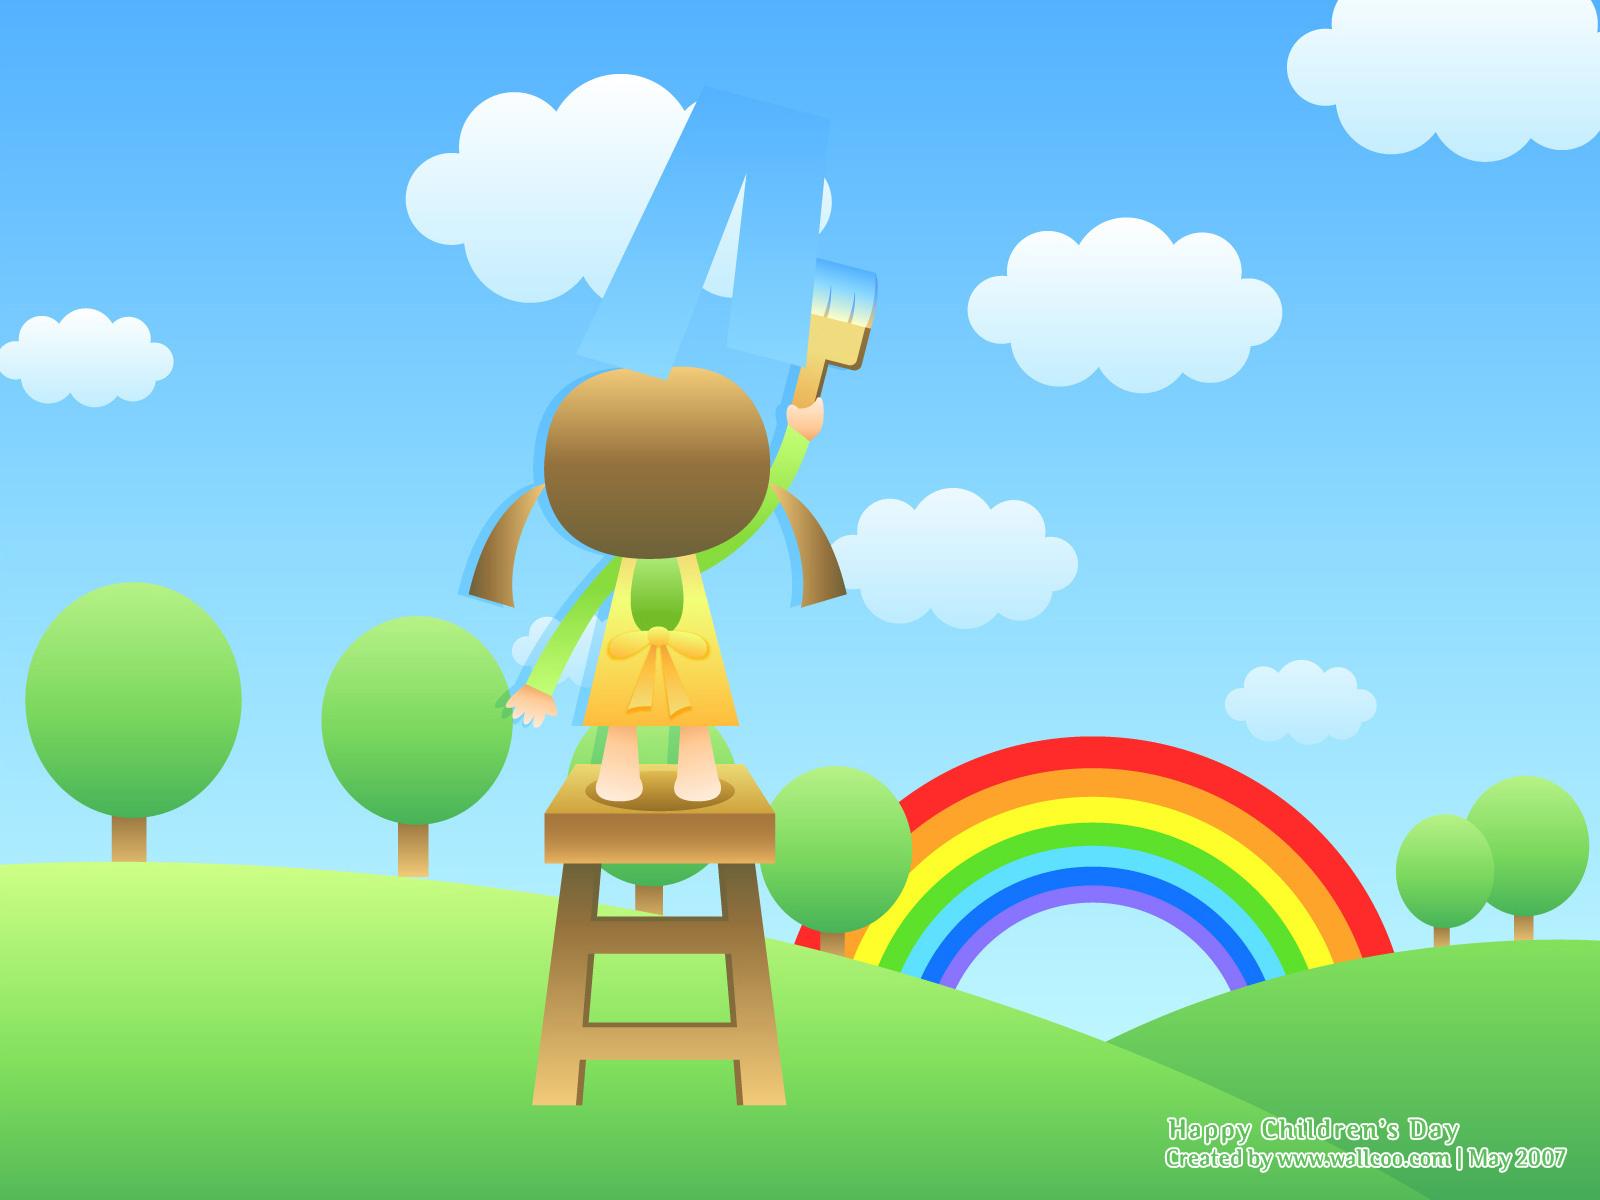 http://4.bp.blogspot.com/_fCMwSkepyGk/SwleSPR0diI/AAAAAAAACxU/KPc1HvadzTI/s1600/Children_Day_vector_wallpaper_02-760696.jpg